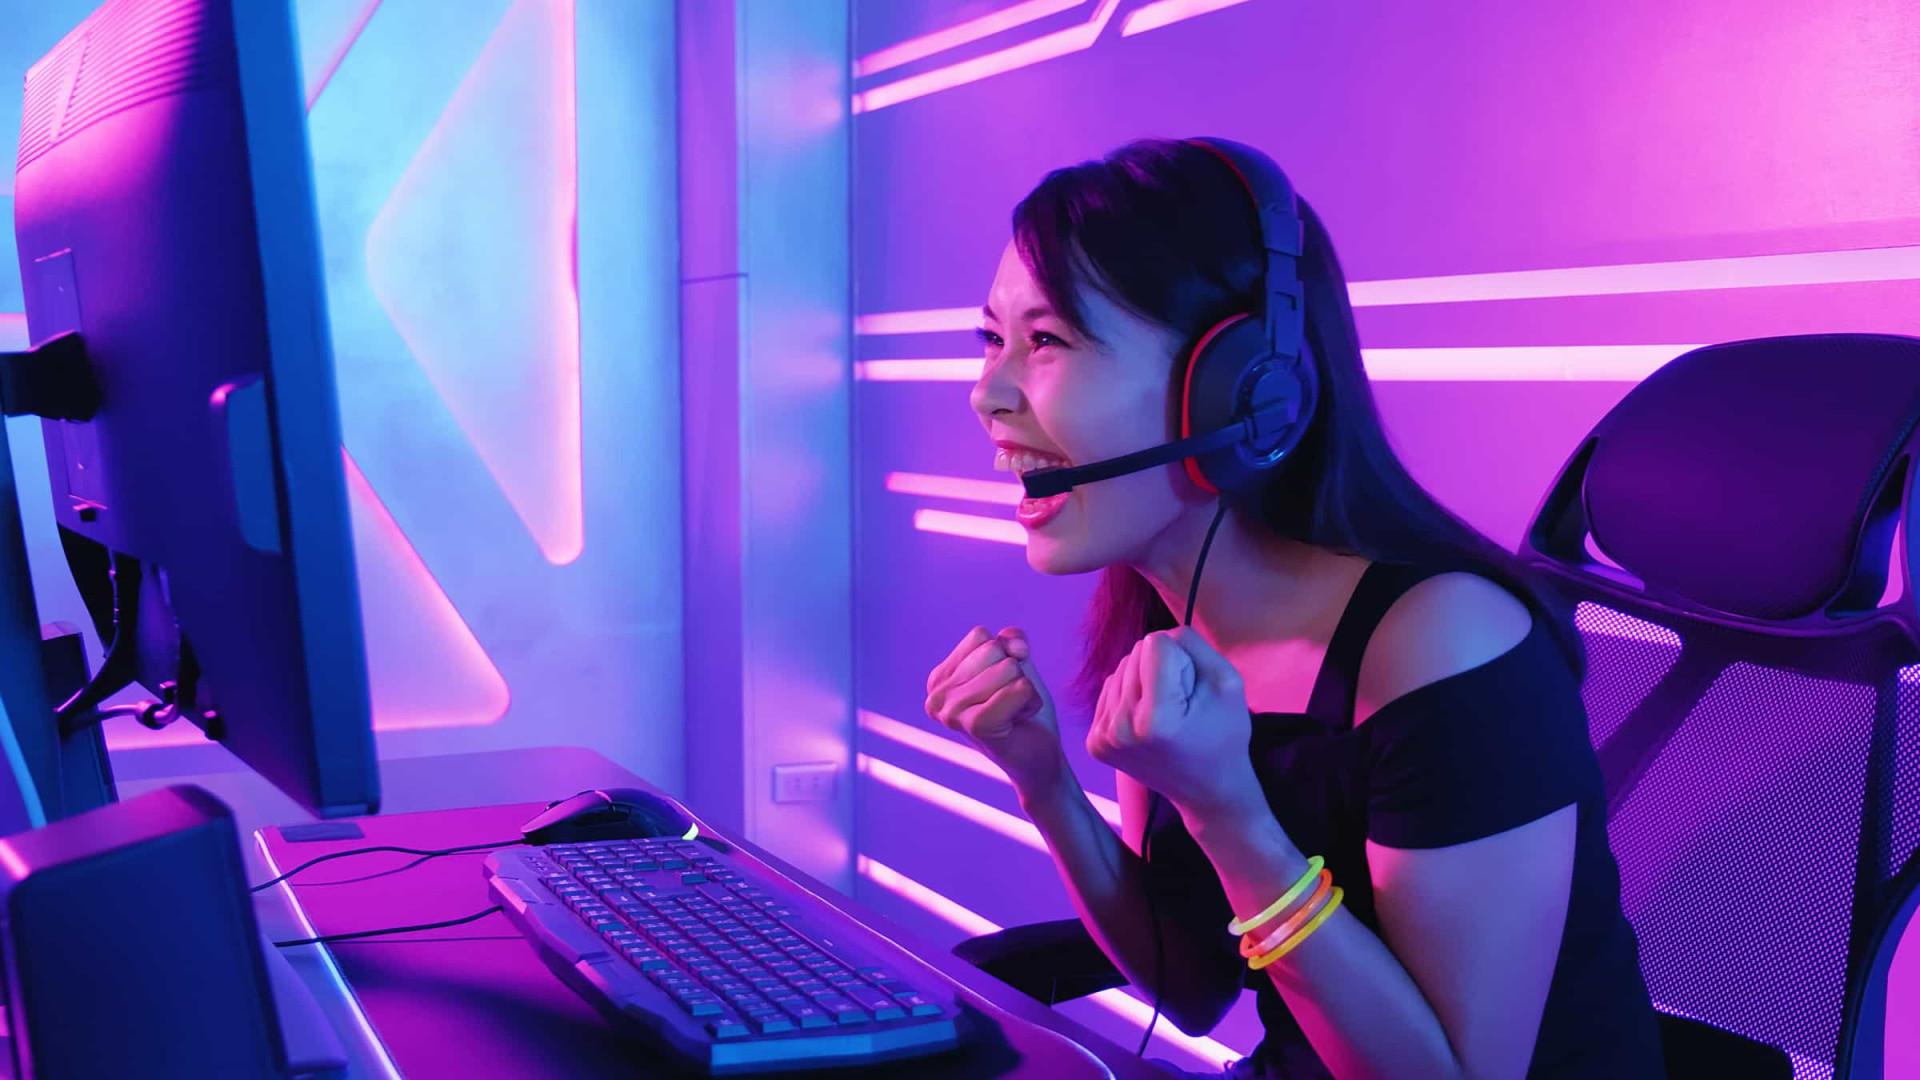 Videojogos ajudam a criar competências para local de trabalho, diz estudo